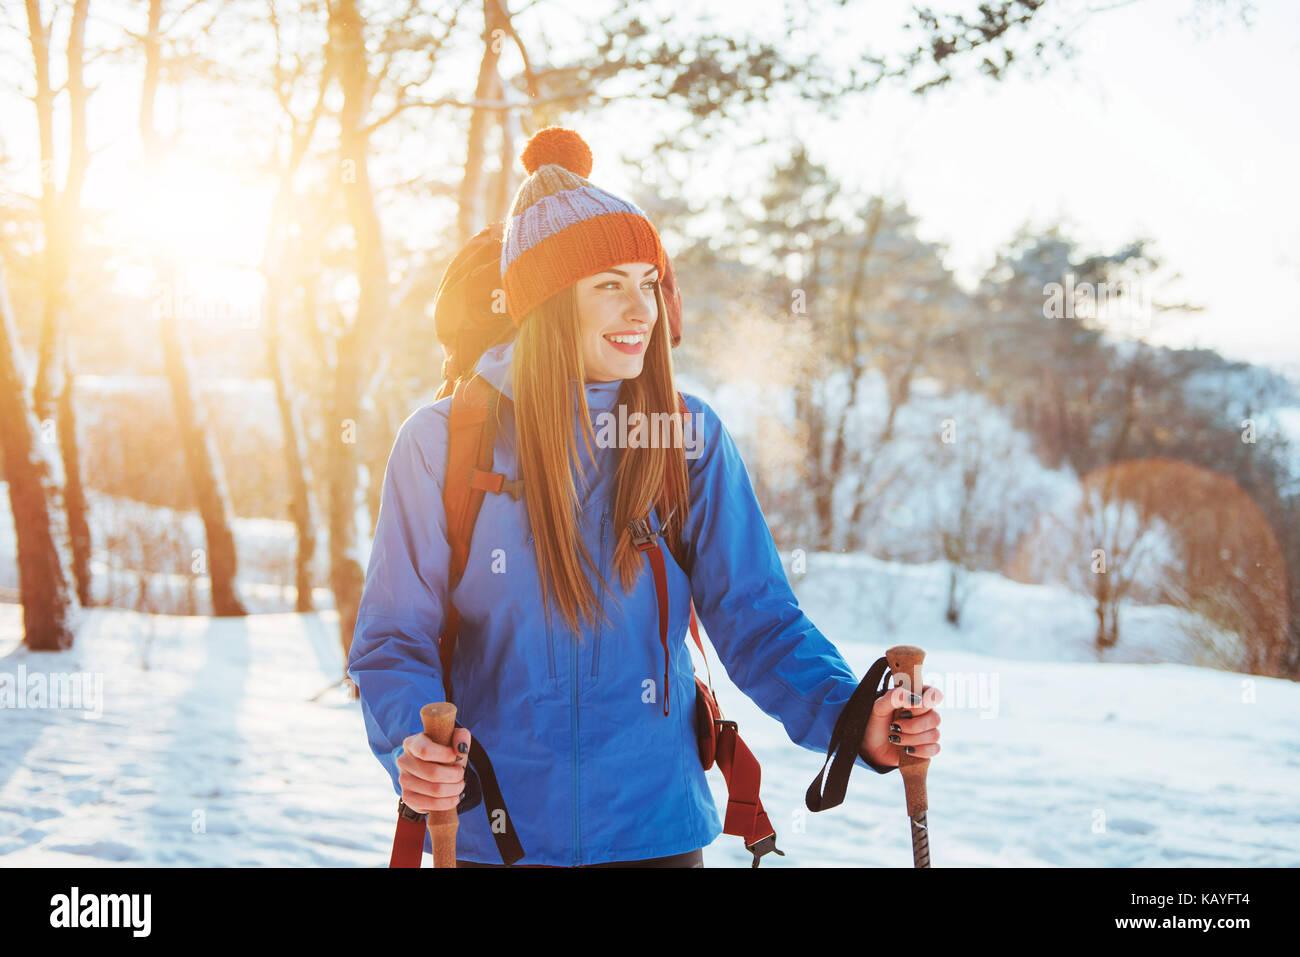 Donna traveler con zaino escursionismo travel lifestyle adventure concept vacanze attive outdoor. bellissima foresta Immagini Stock